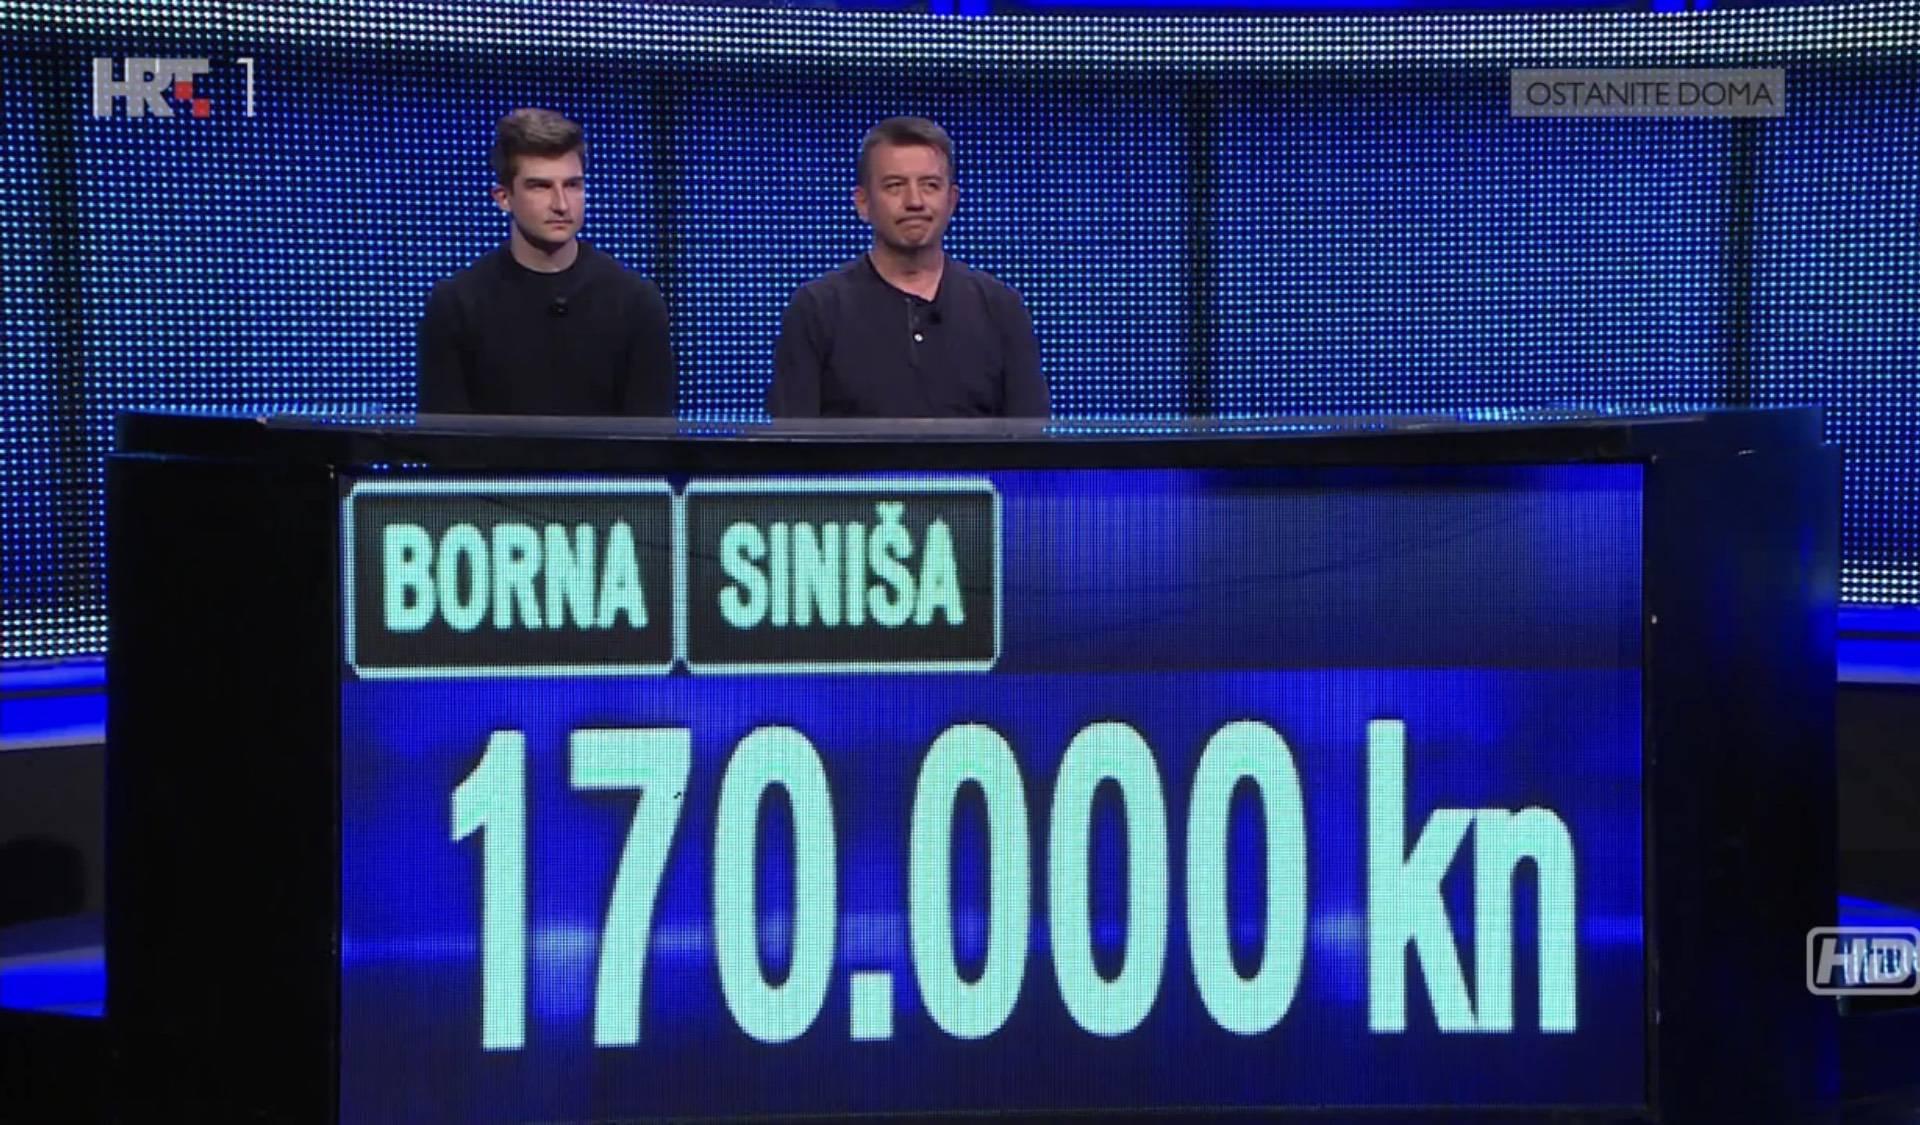 Dečki kući odnijeli 170 tisuća kuna, Krešo nije bio u formi...